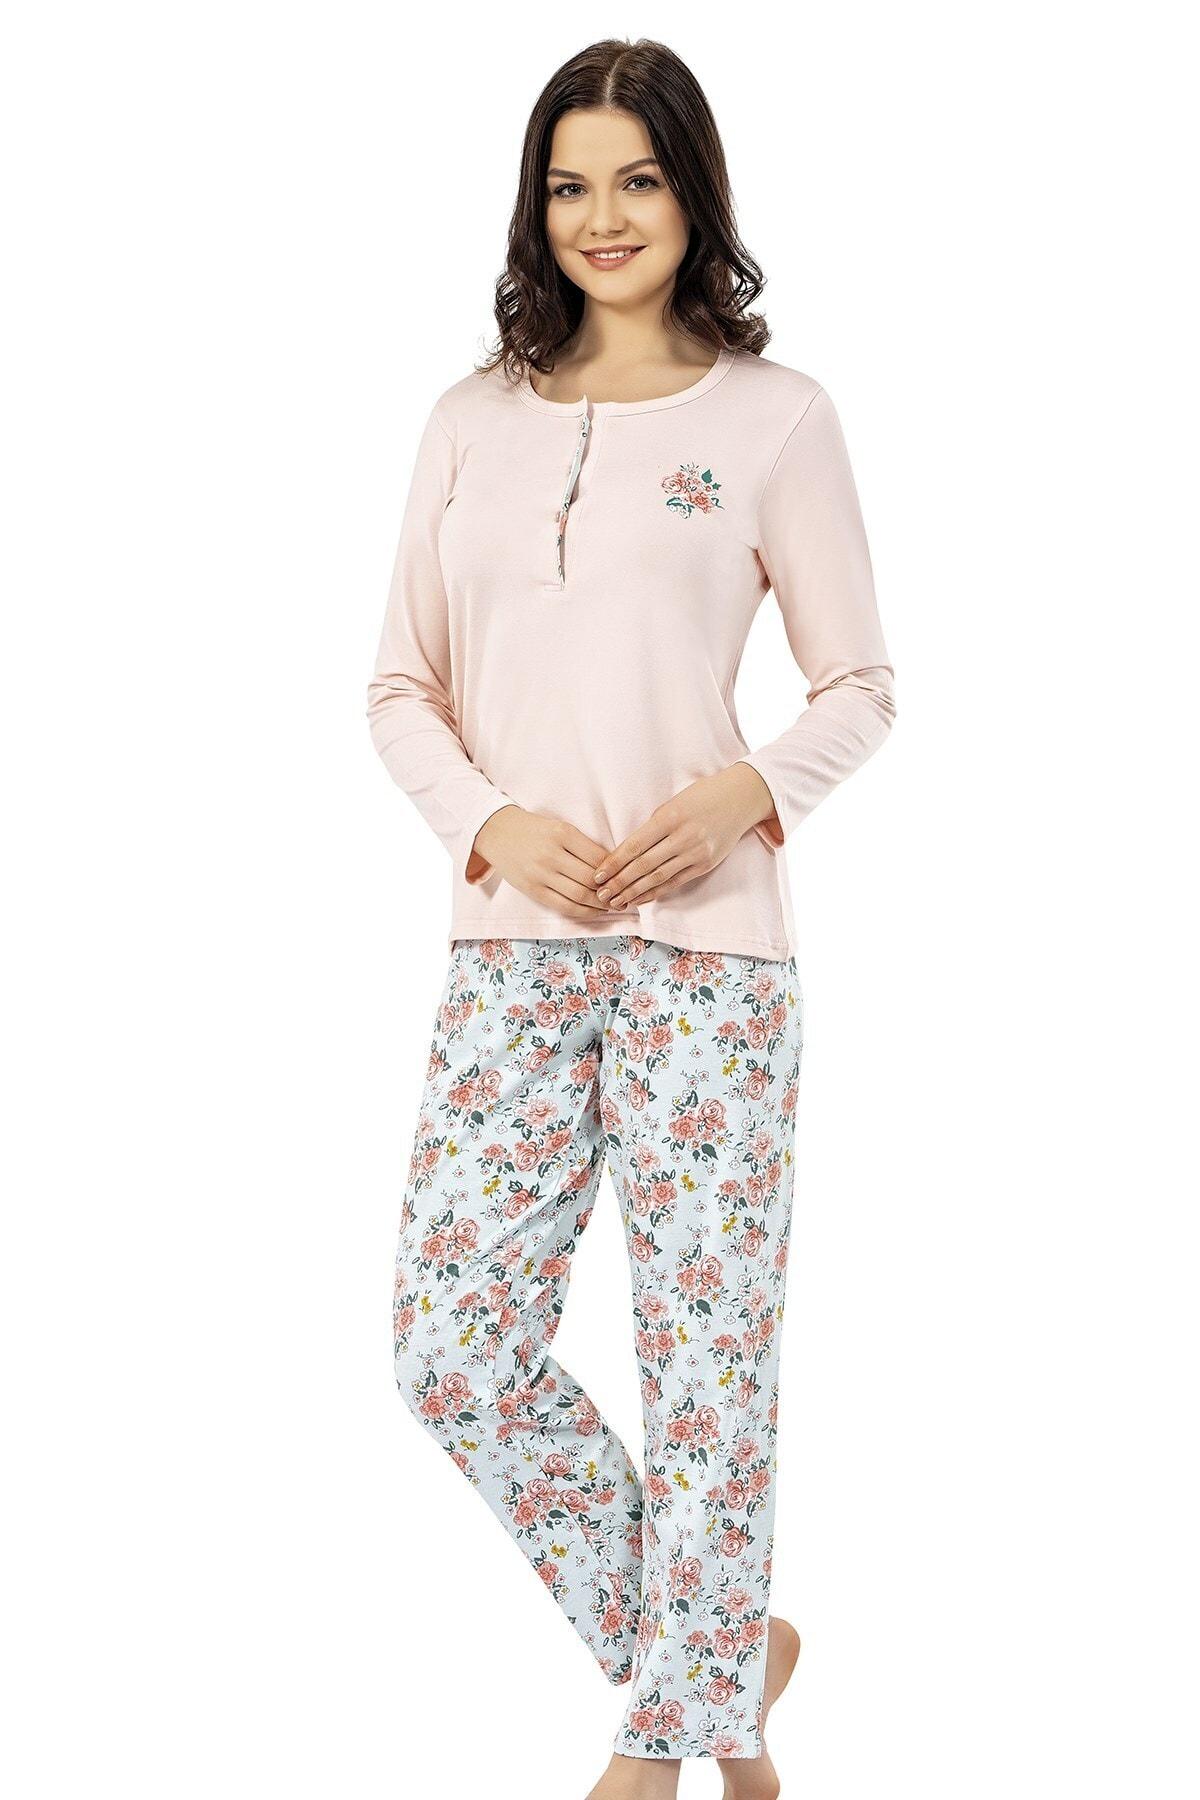 ERDEM İÇ GİYİM Kadın Pembe Yazlık Pijama Takımı 1